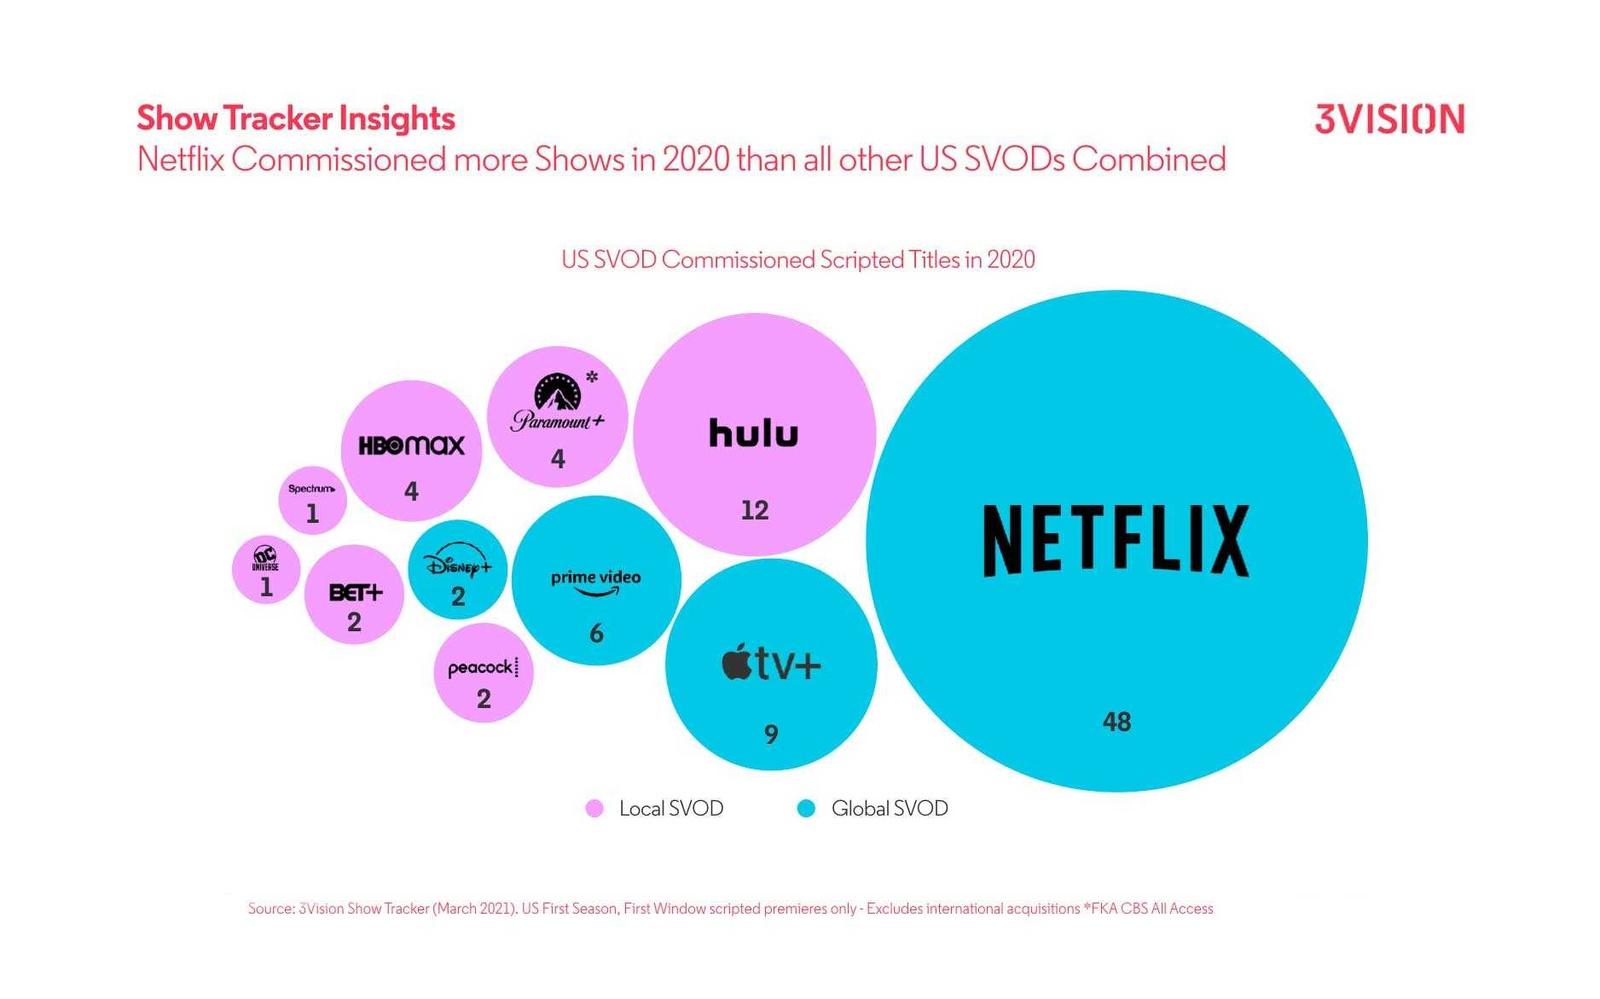 ST TV acquisitions